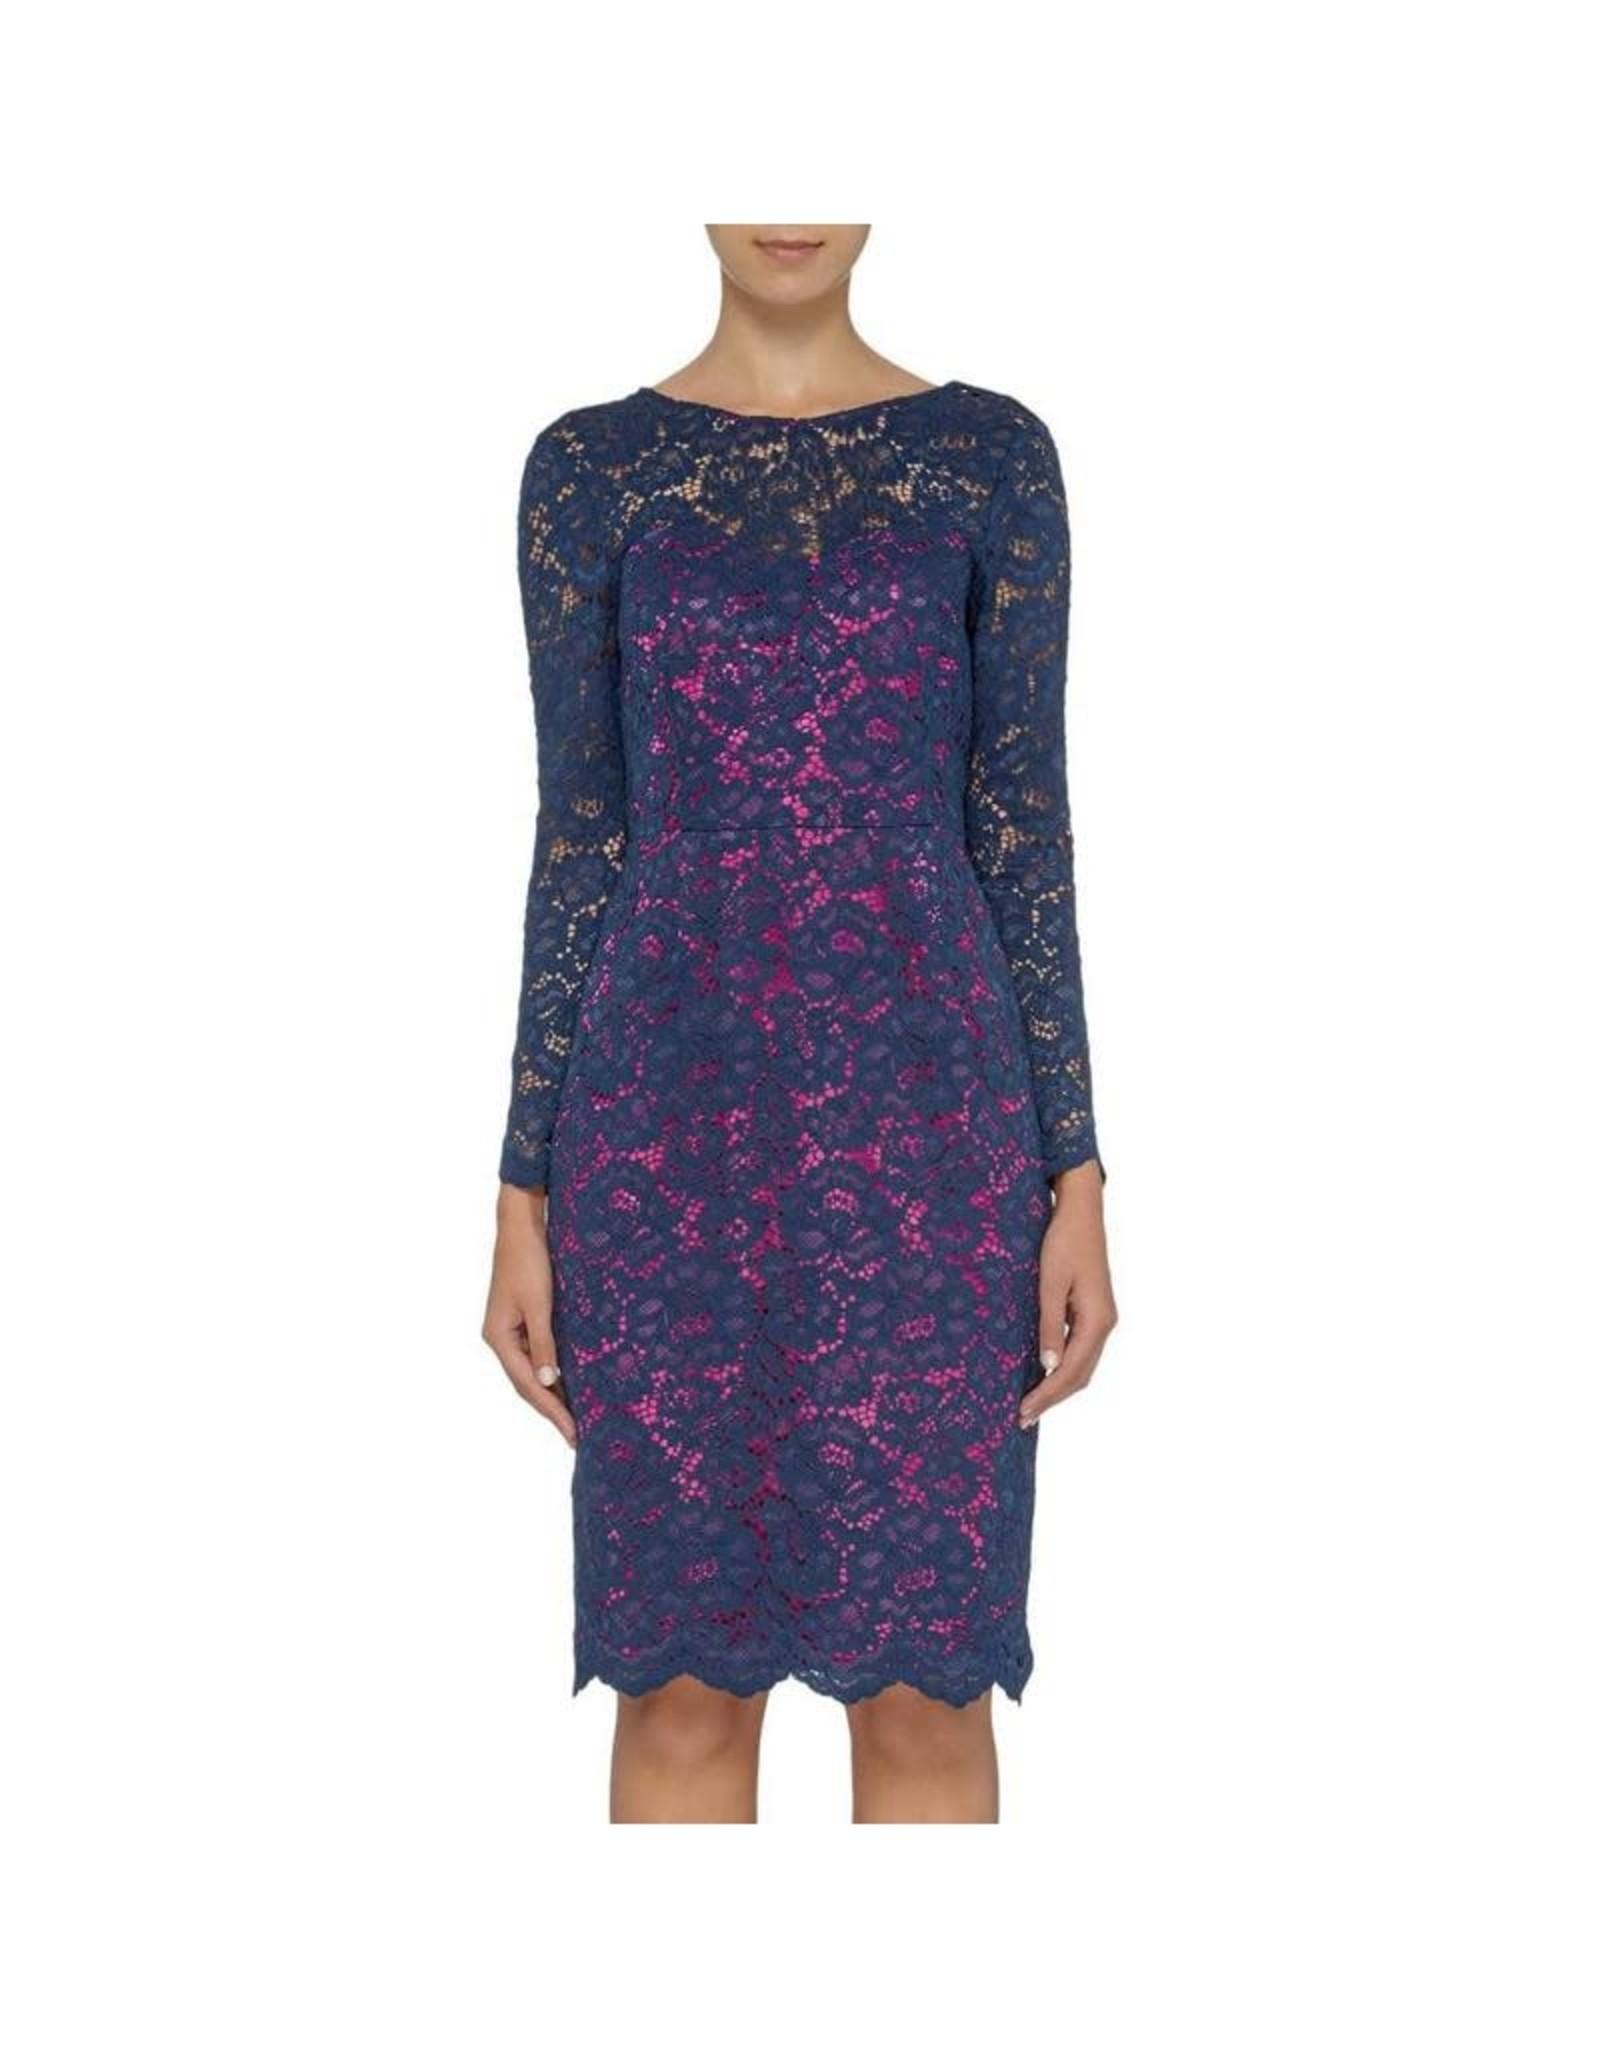 Aideen Bodkin Kastra Lace Dress